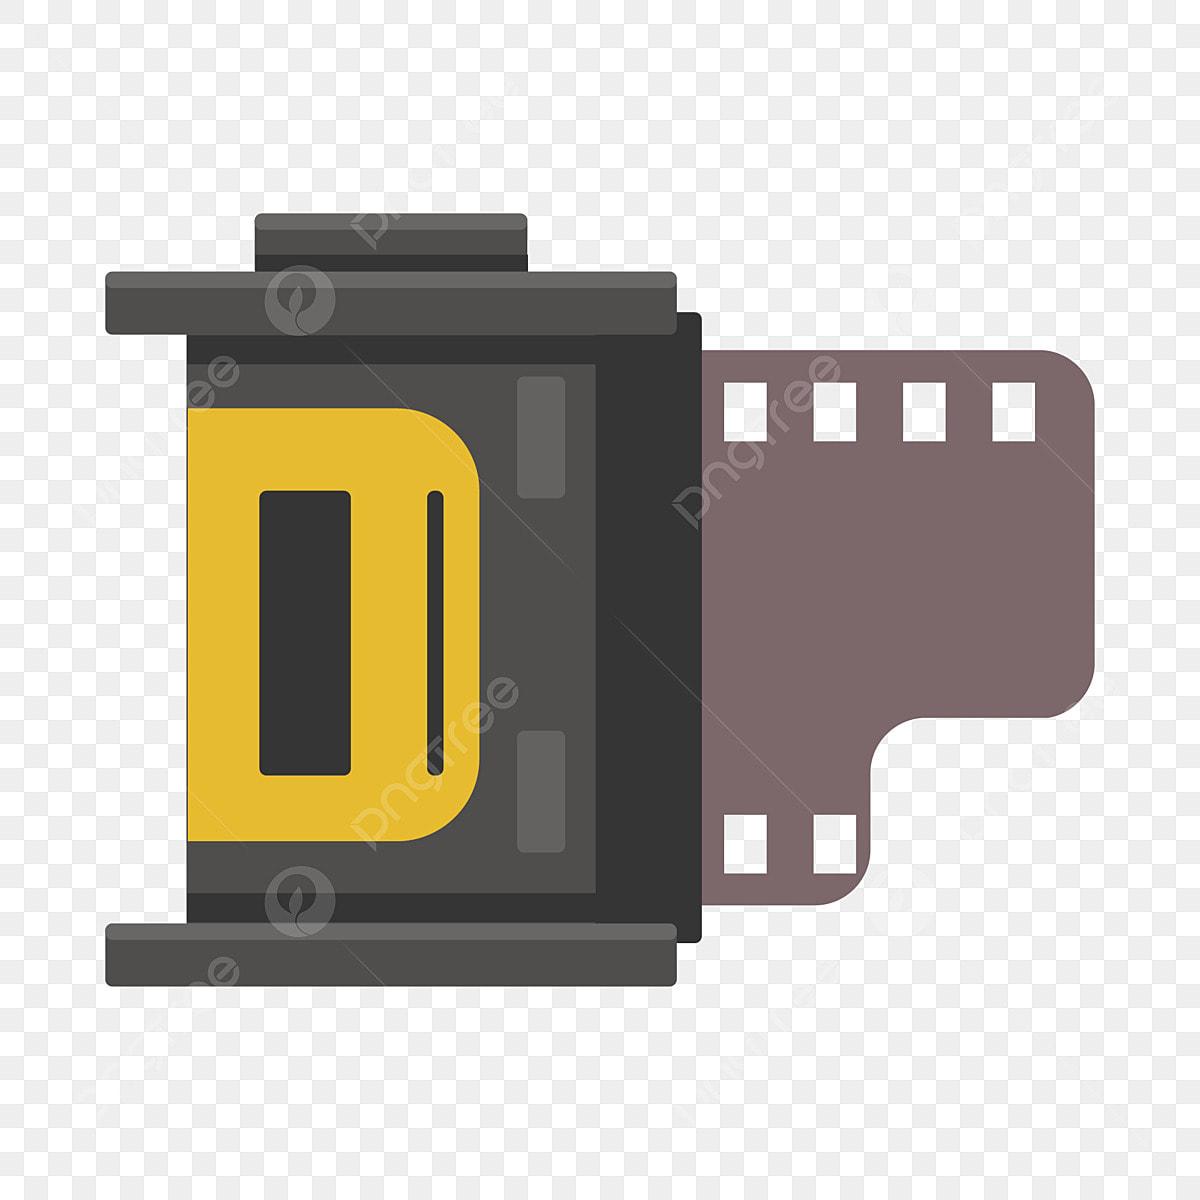 無料ダウンロードのための古い映画フィルムと巻物のイラスト 映画